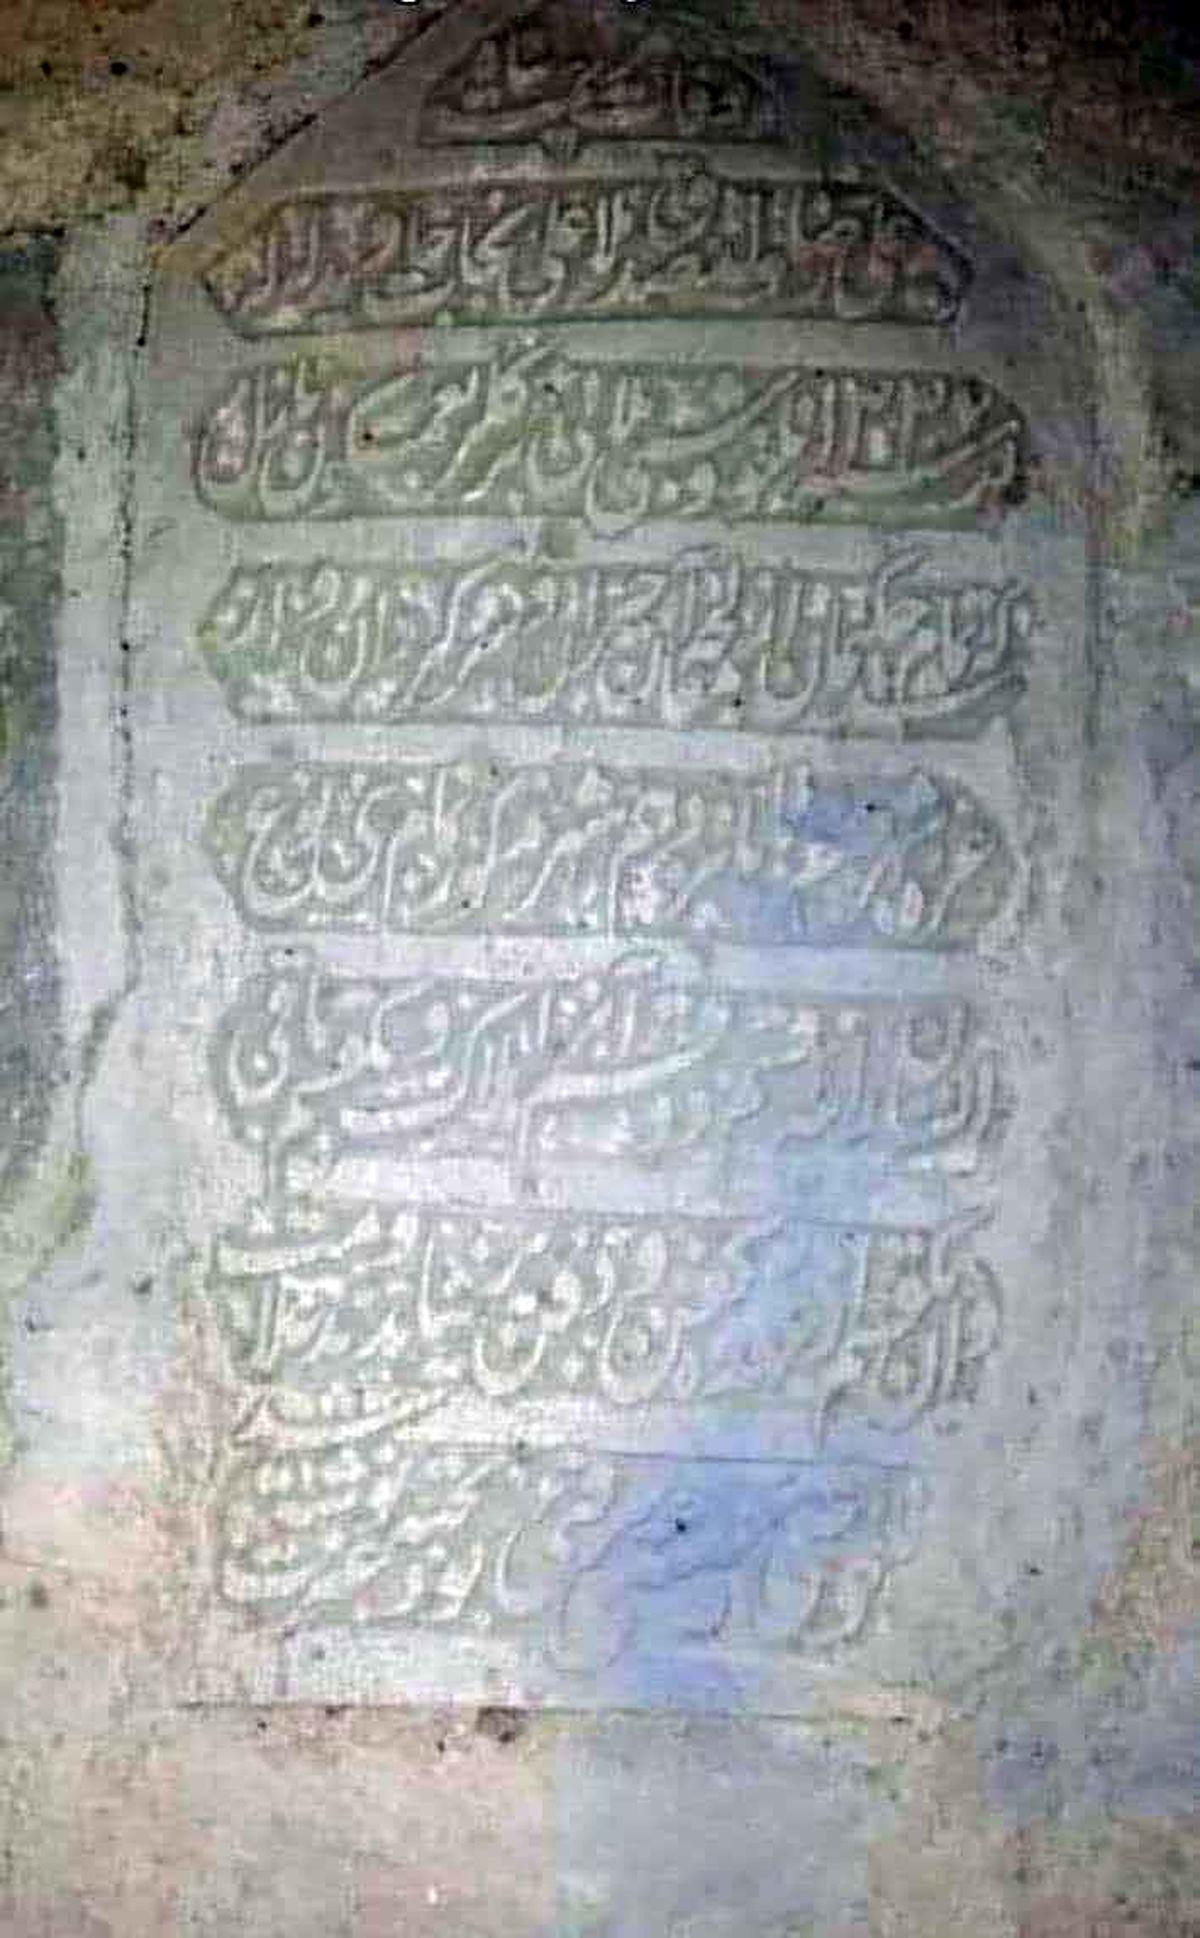 کشف سنگ قبری 104 ساله در ایران که علت مرگ چیزی شبیه کرونا بوده